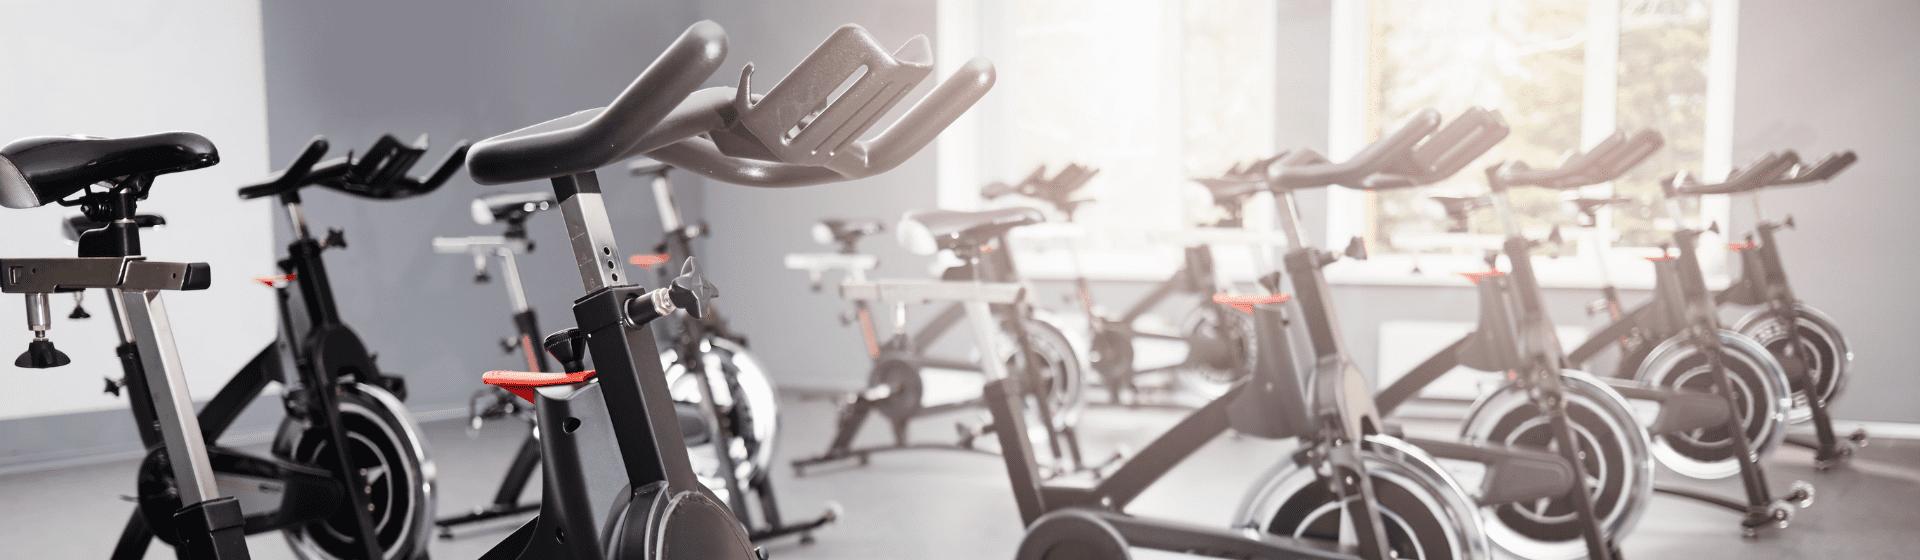 Melhor bicicleta de spinning de 2021: 7 modelos para comprar